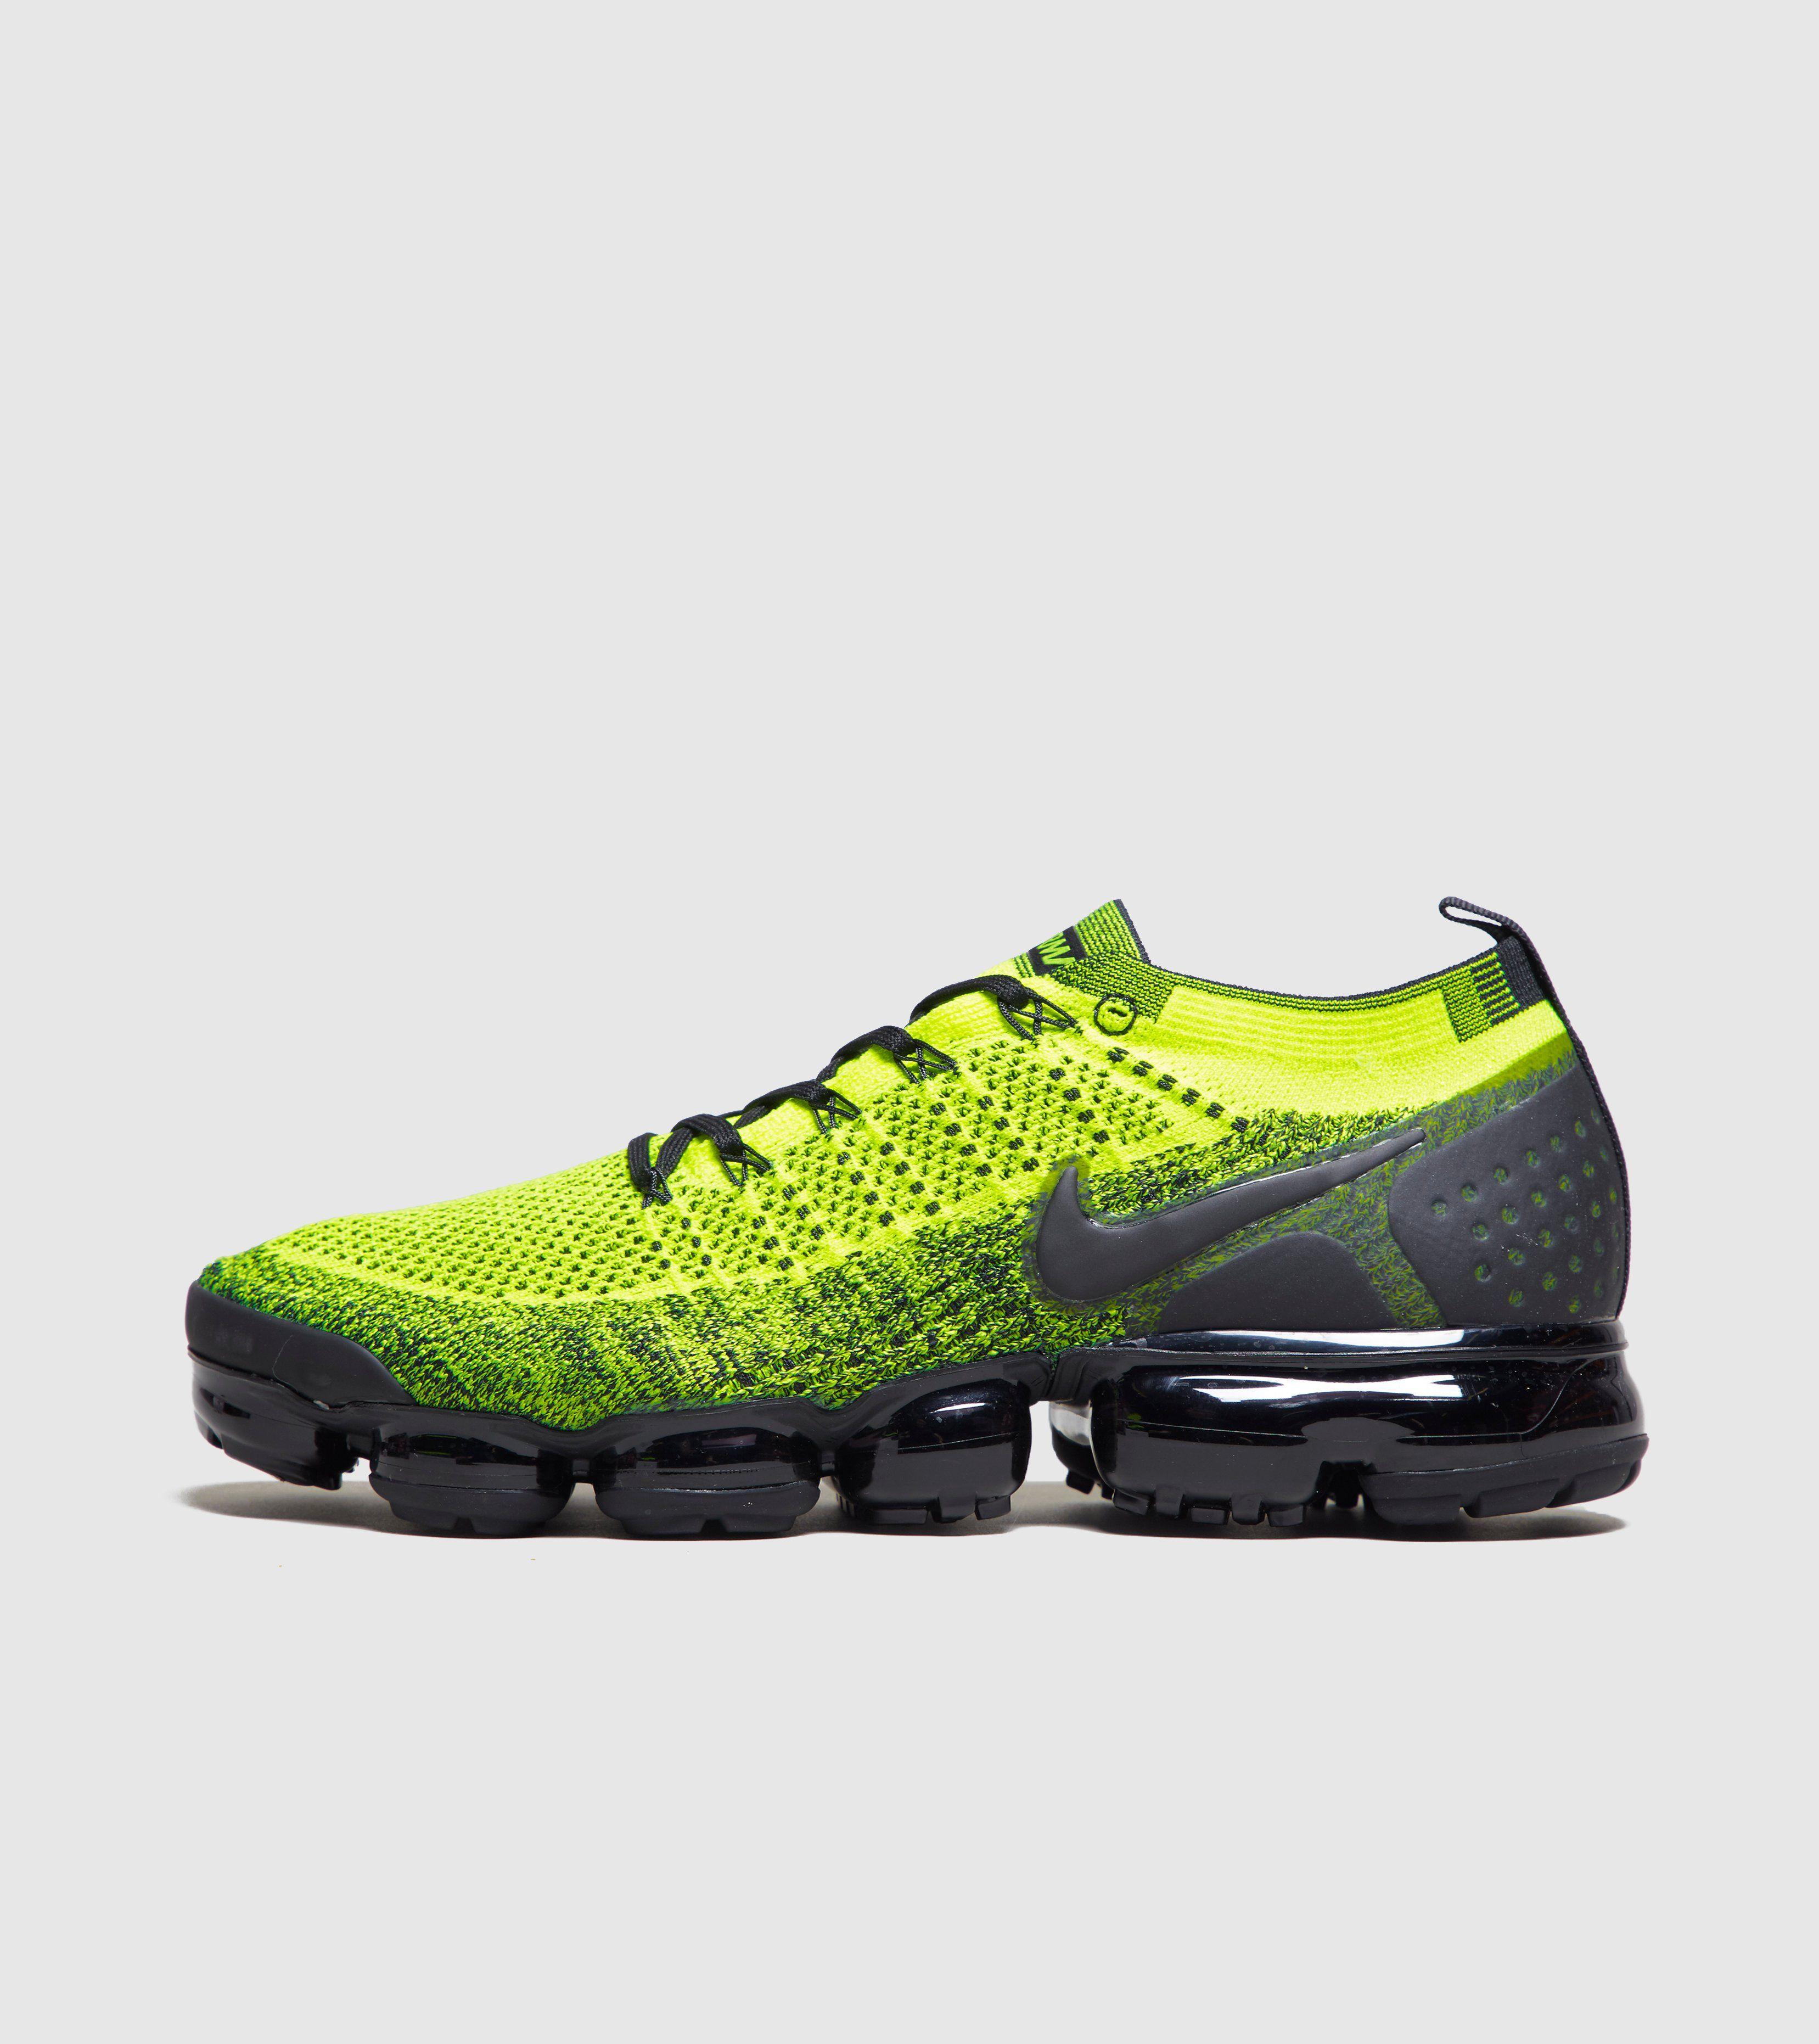 d49a4be1cd85 Nike Air VaporMax Flyknit 2